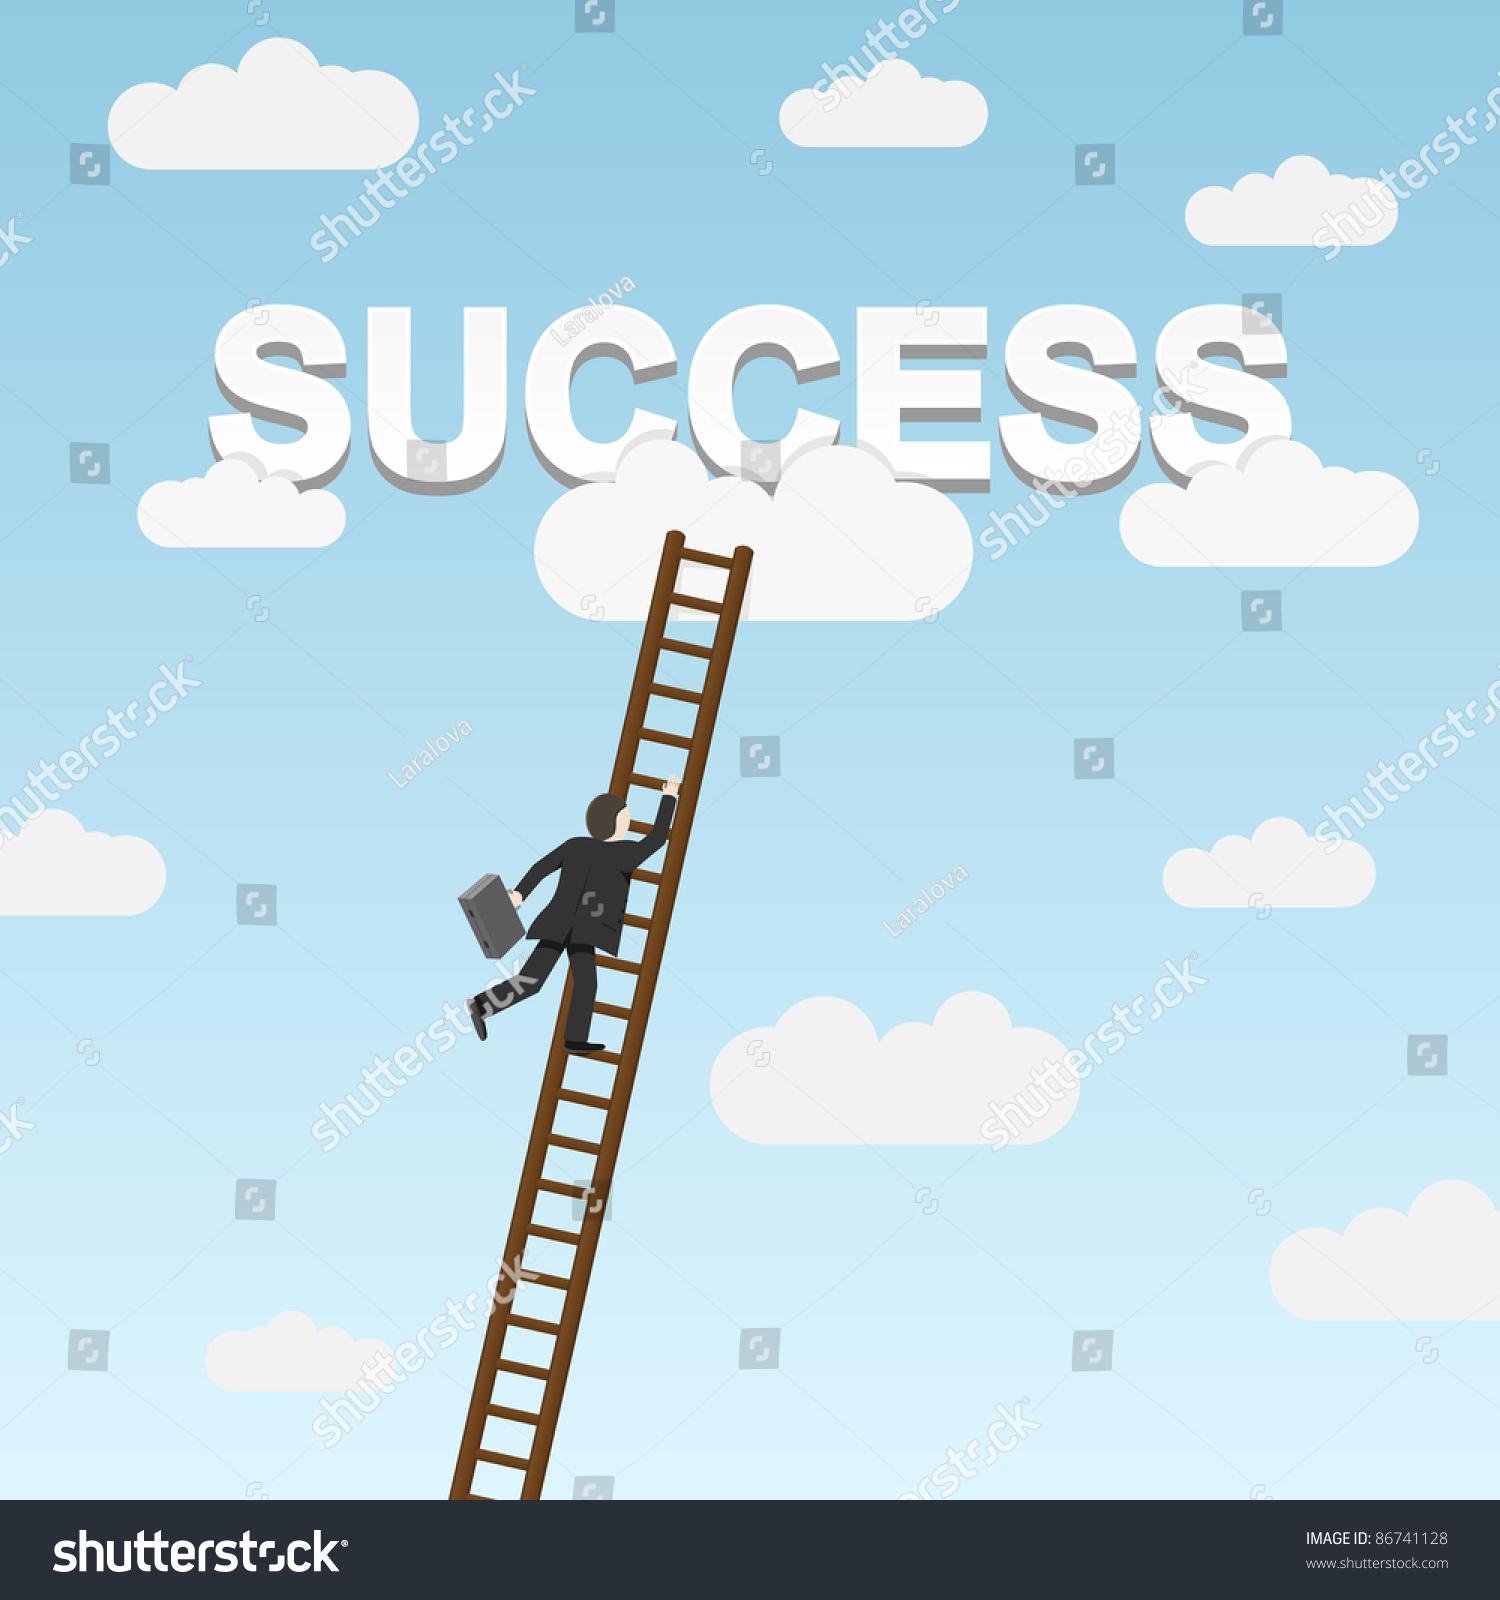 Businessman Climbing Ladder To Success. Vector